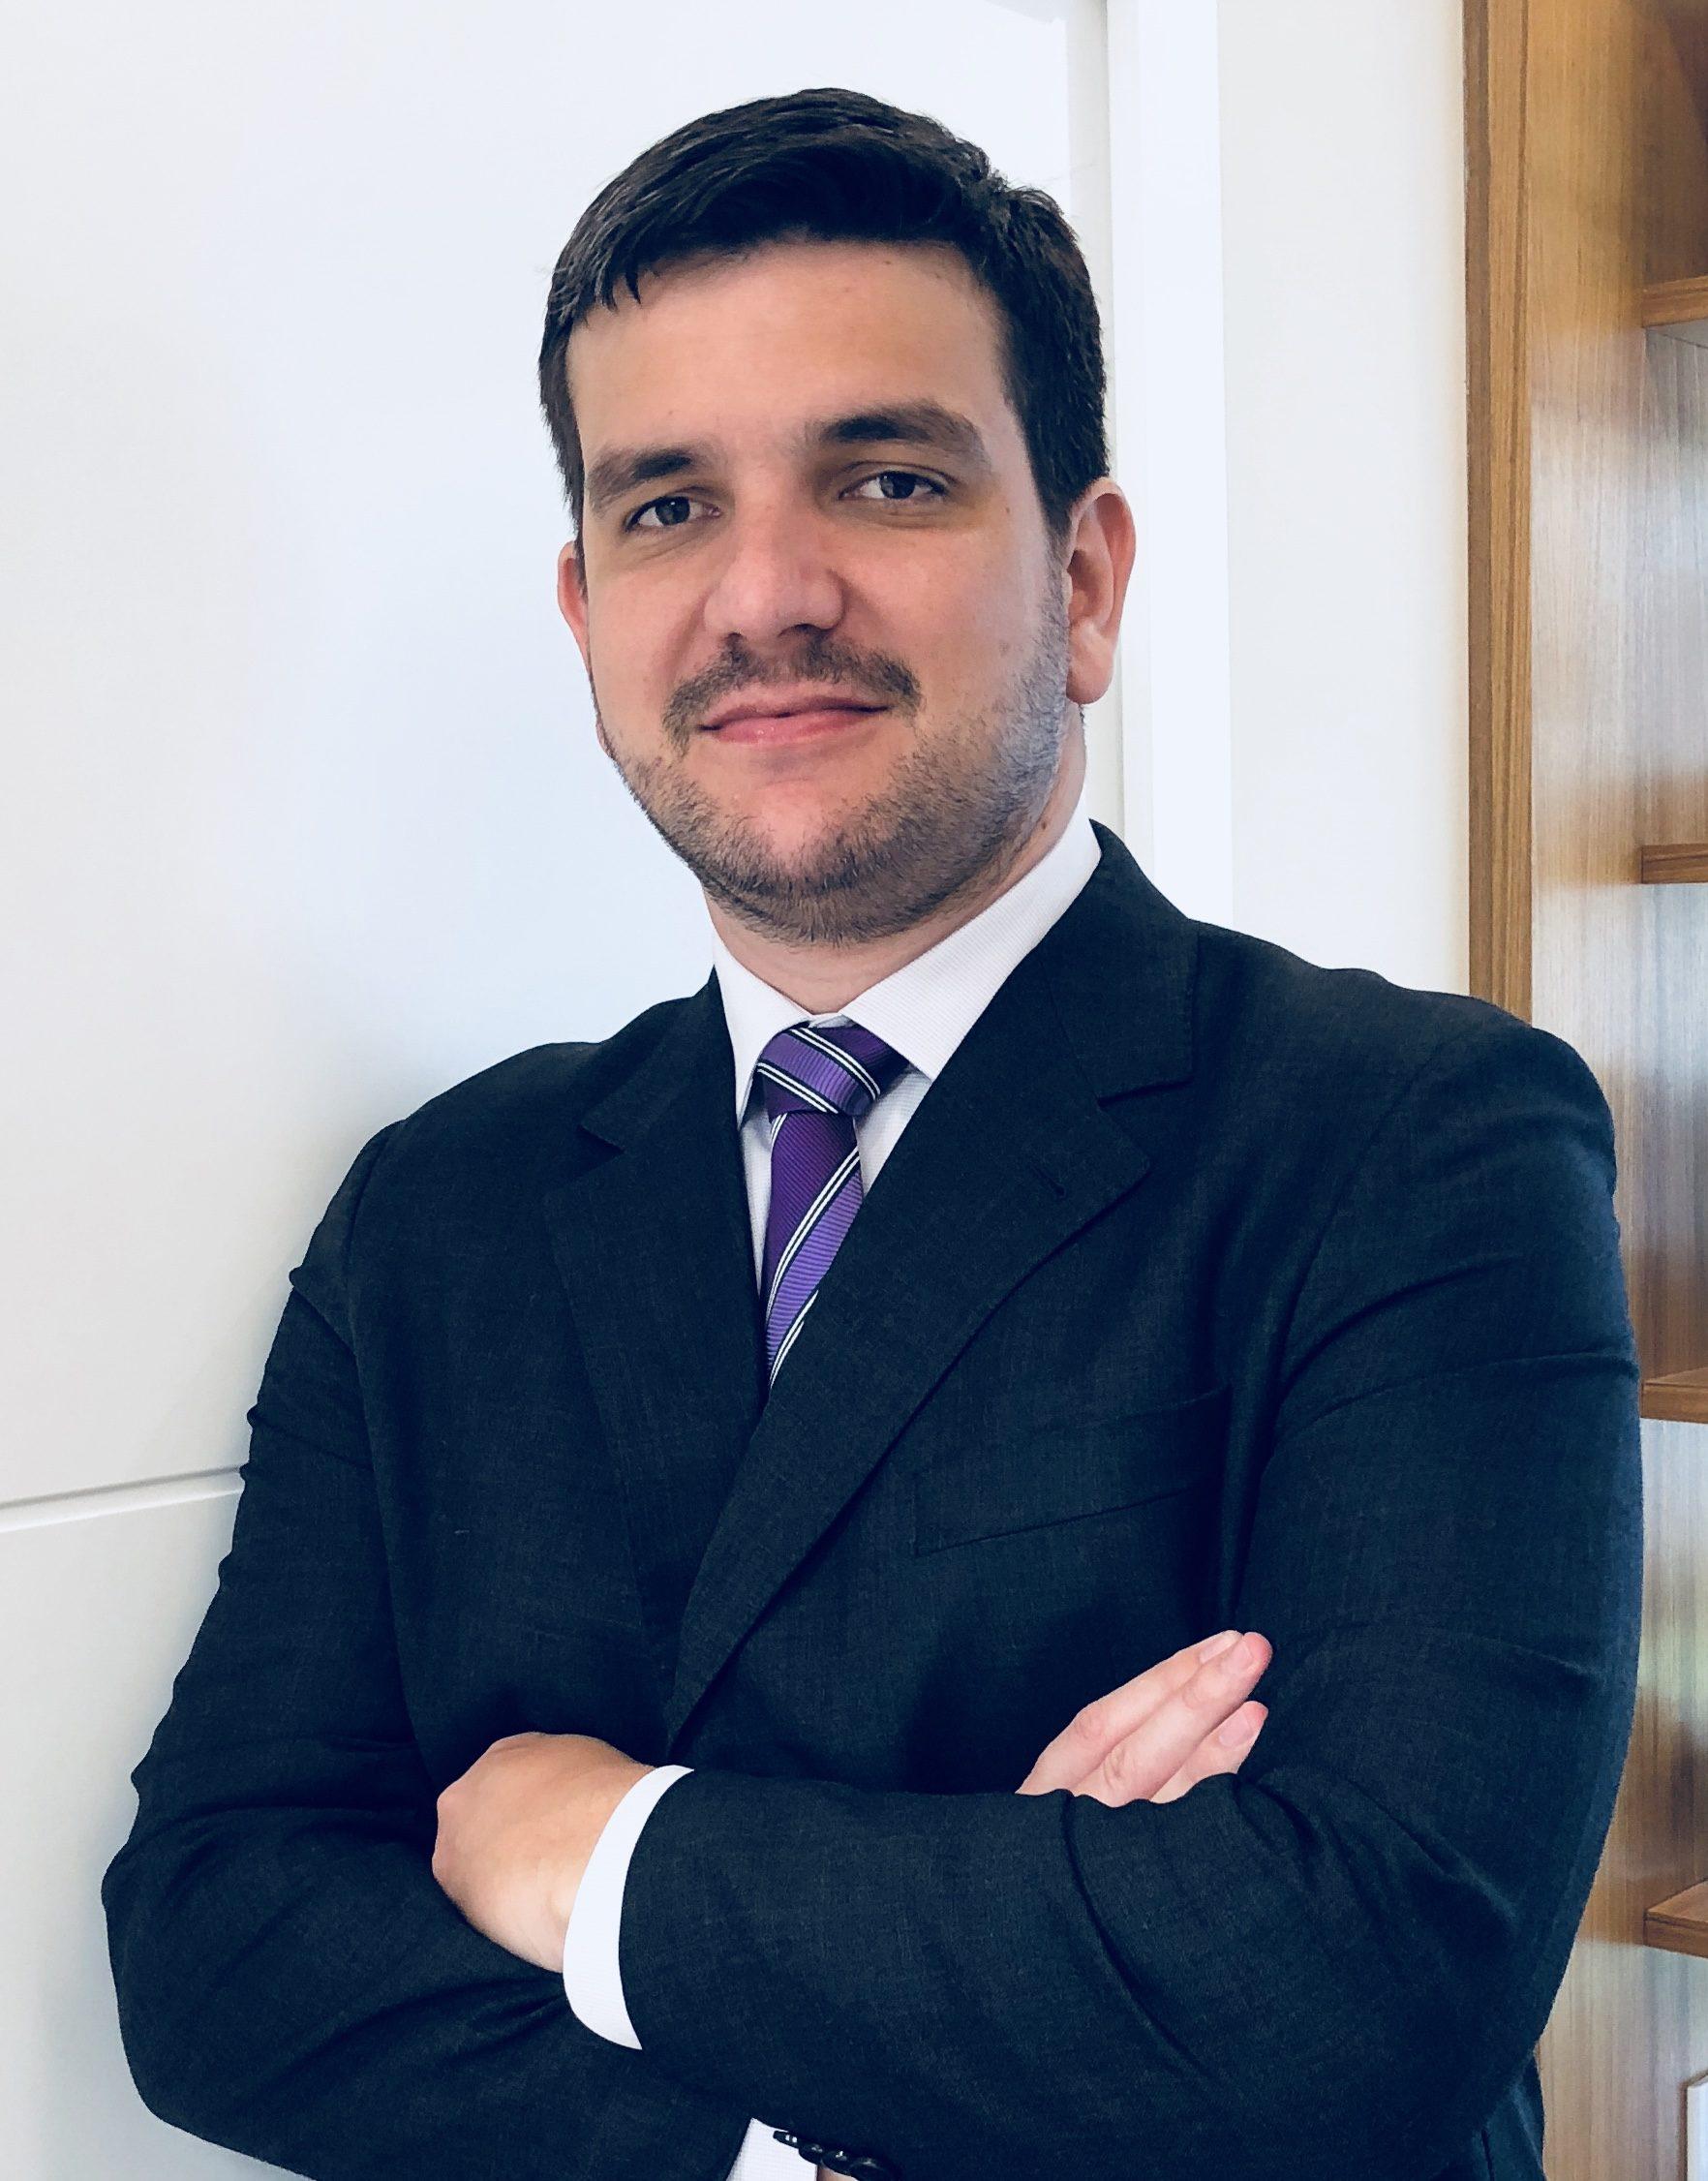 Dr. Felipe Malafaia